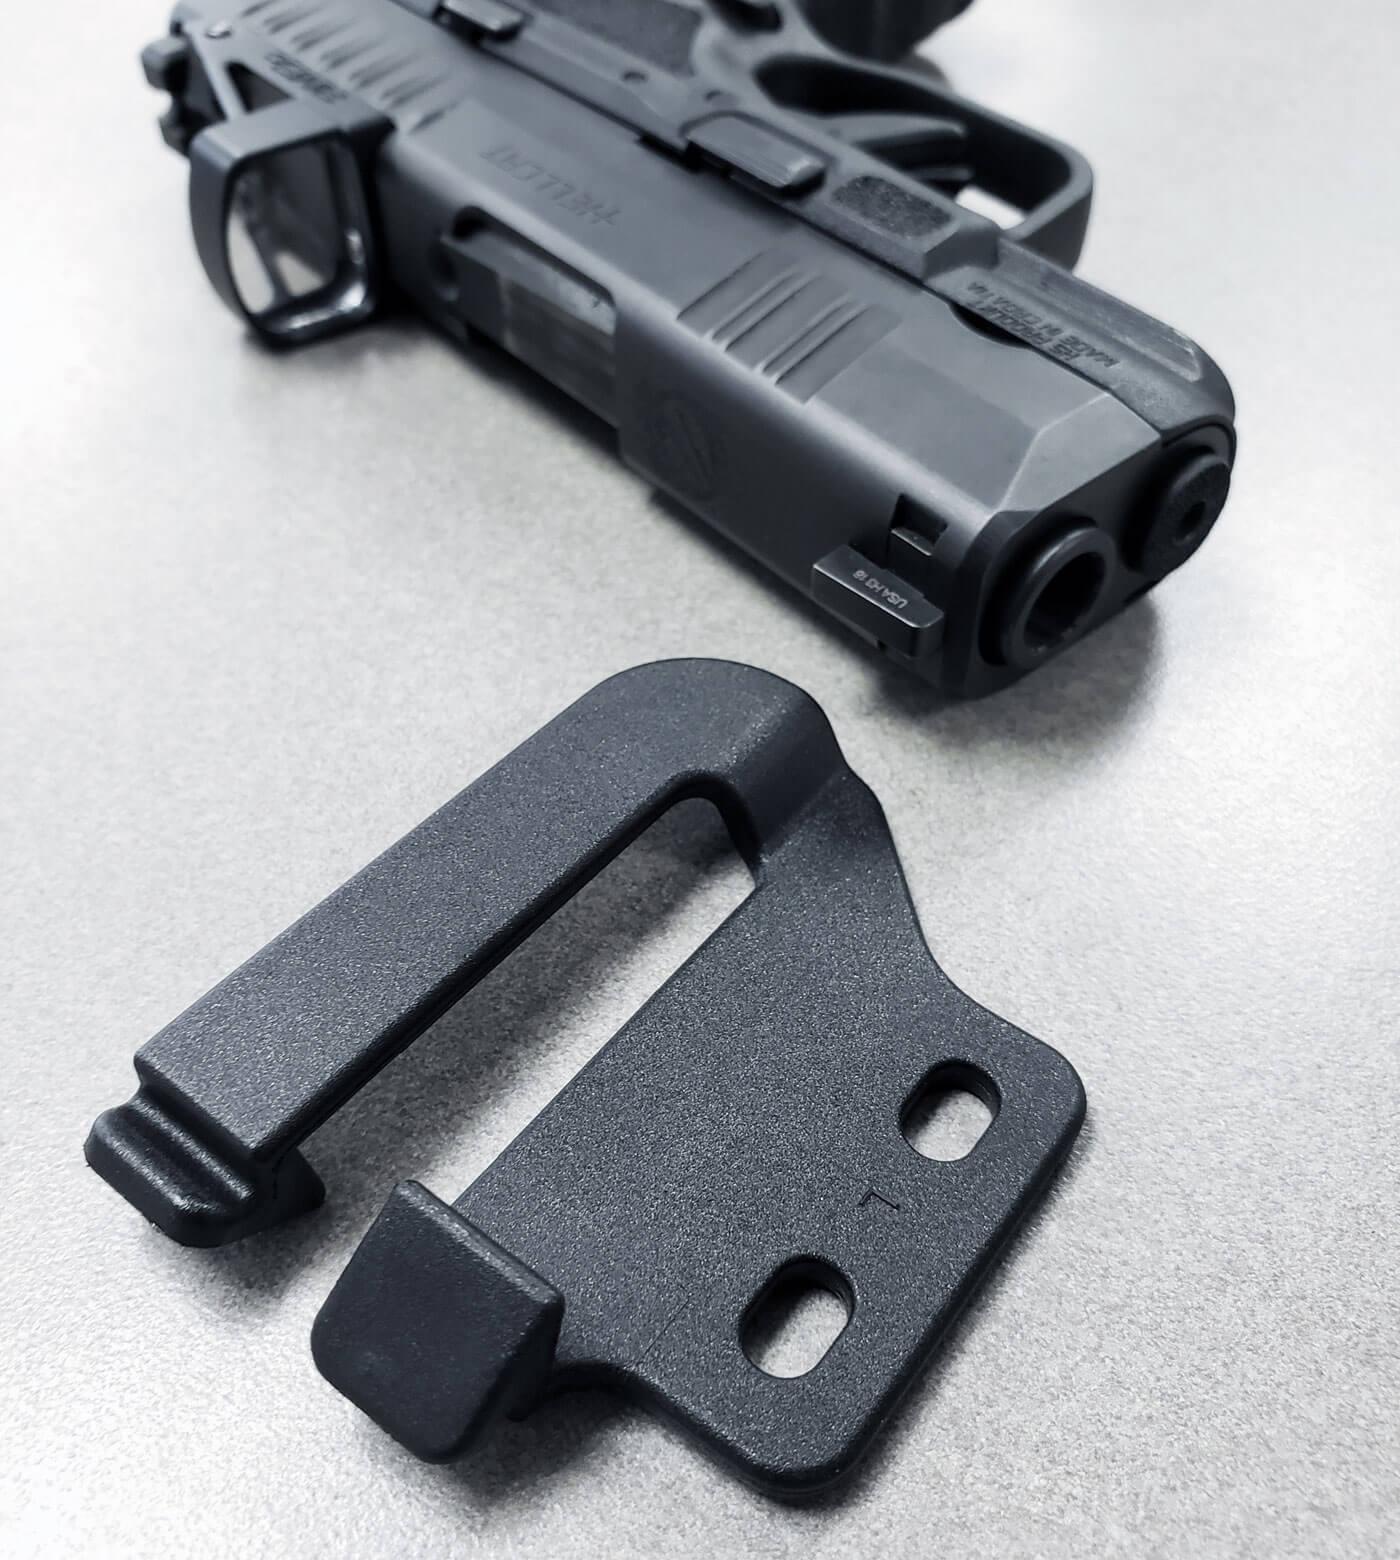 Belt clip for CrossBreed Reckoning holster